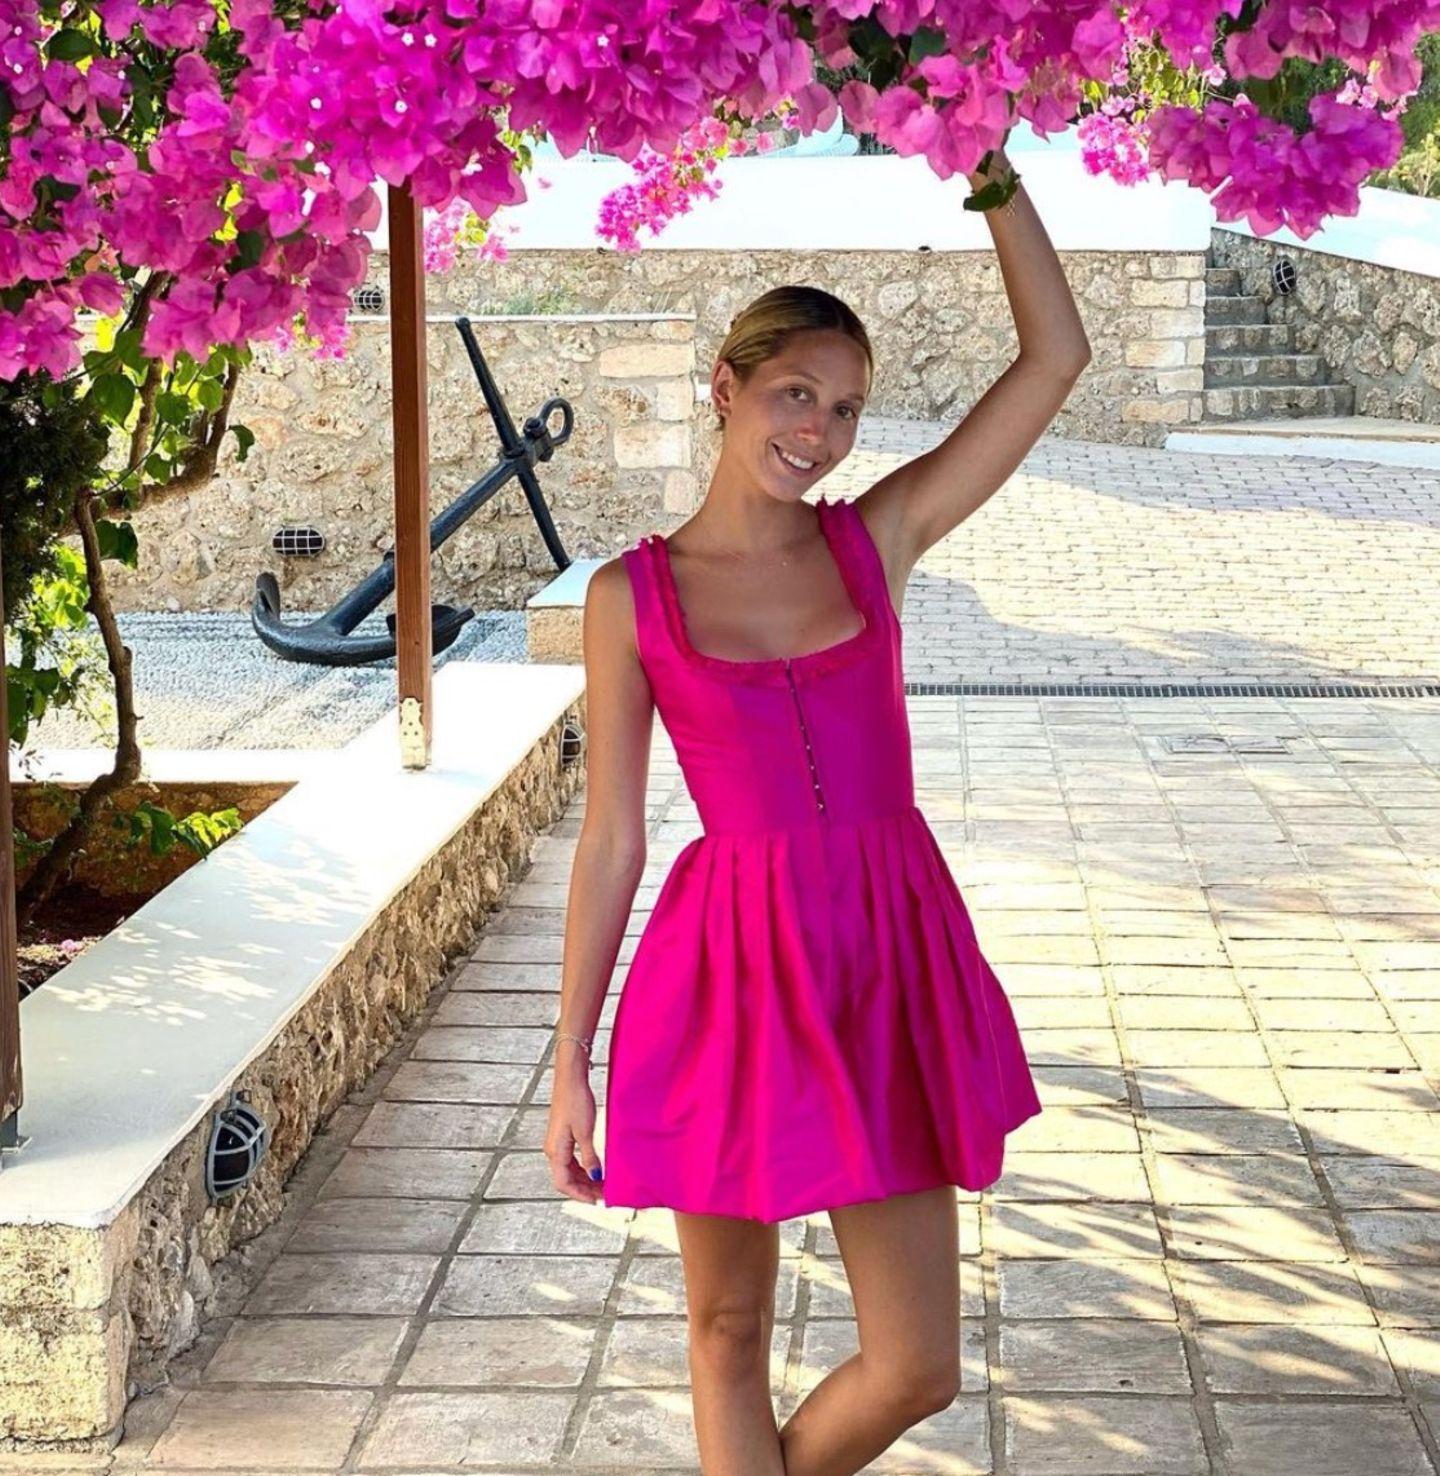 """AnlässlichMaria Olympias 25. Geburtstags postet ihr Vater, Paul von Griechenland, süße Geburtstagsgrüße. """"Du bist die beste Tochter, die sich ein Vater nur wünschen kann"""", schreibt er unter das Bild, das die Prinzessin in einem pinkfarbenen Kleid zeigt. Der Schnitt des Kleidesist fast schon dirndl-artig und steht dem Geburtstagskind großartig."""